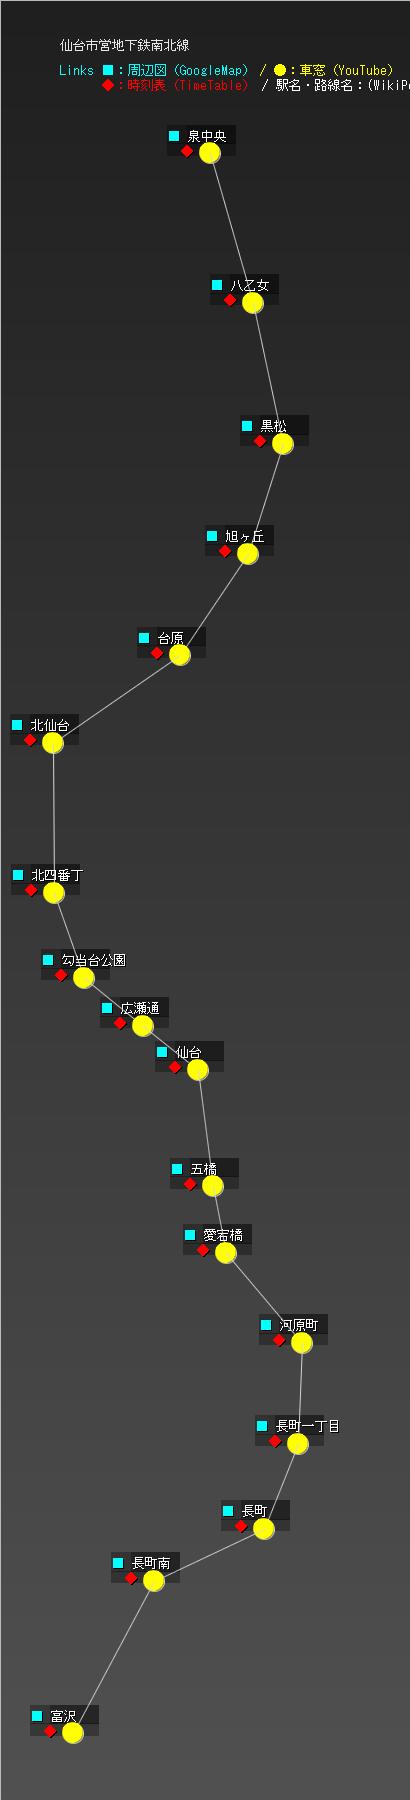 仙台市営地下鉄南北線